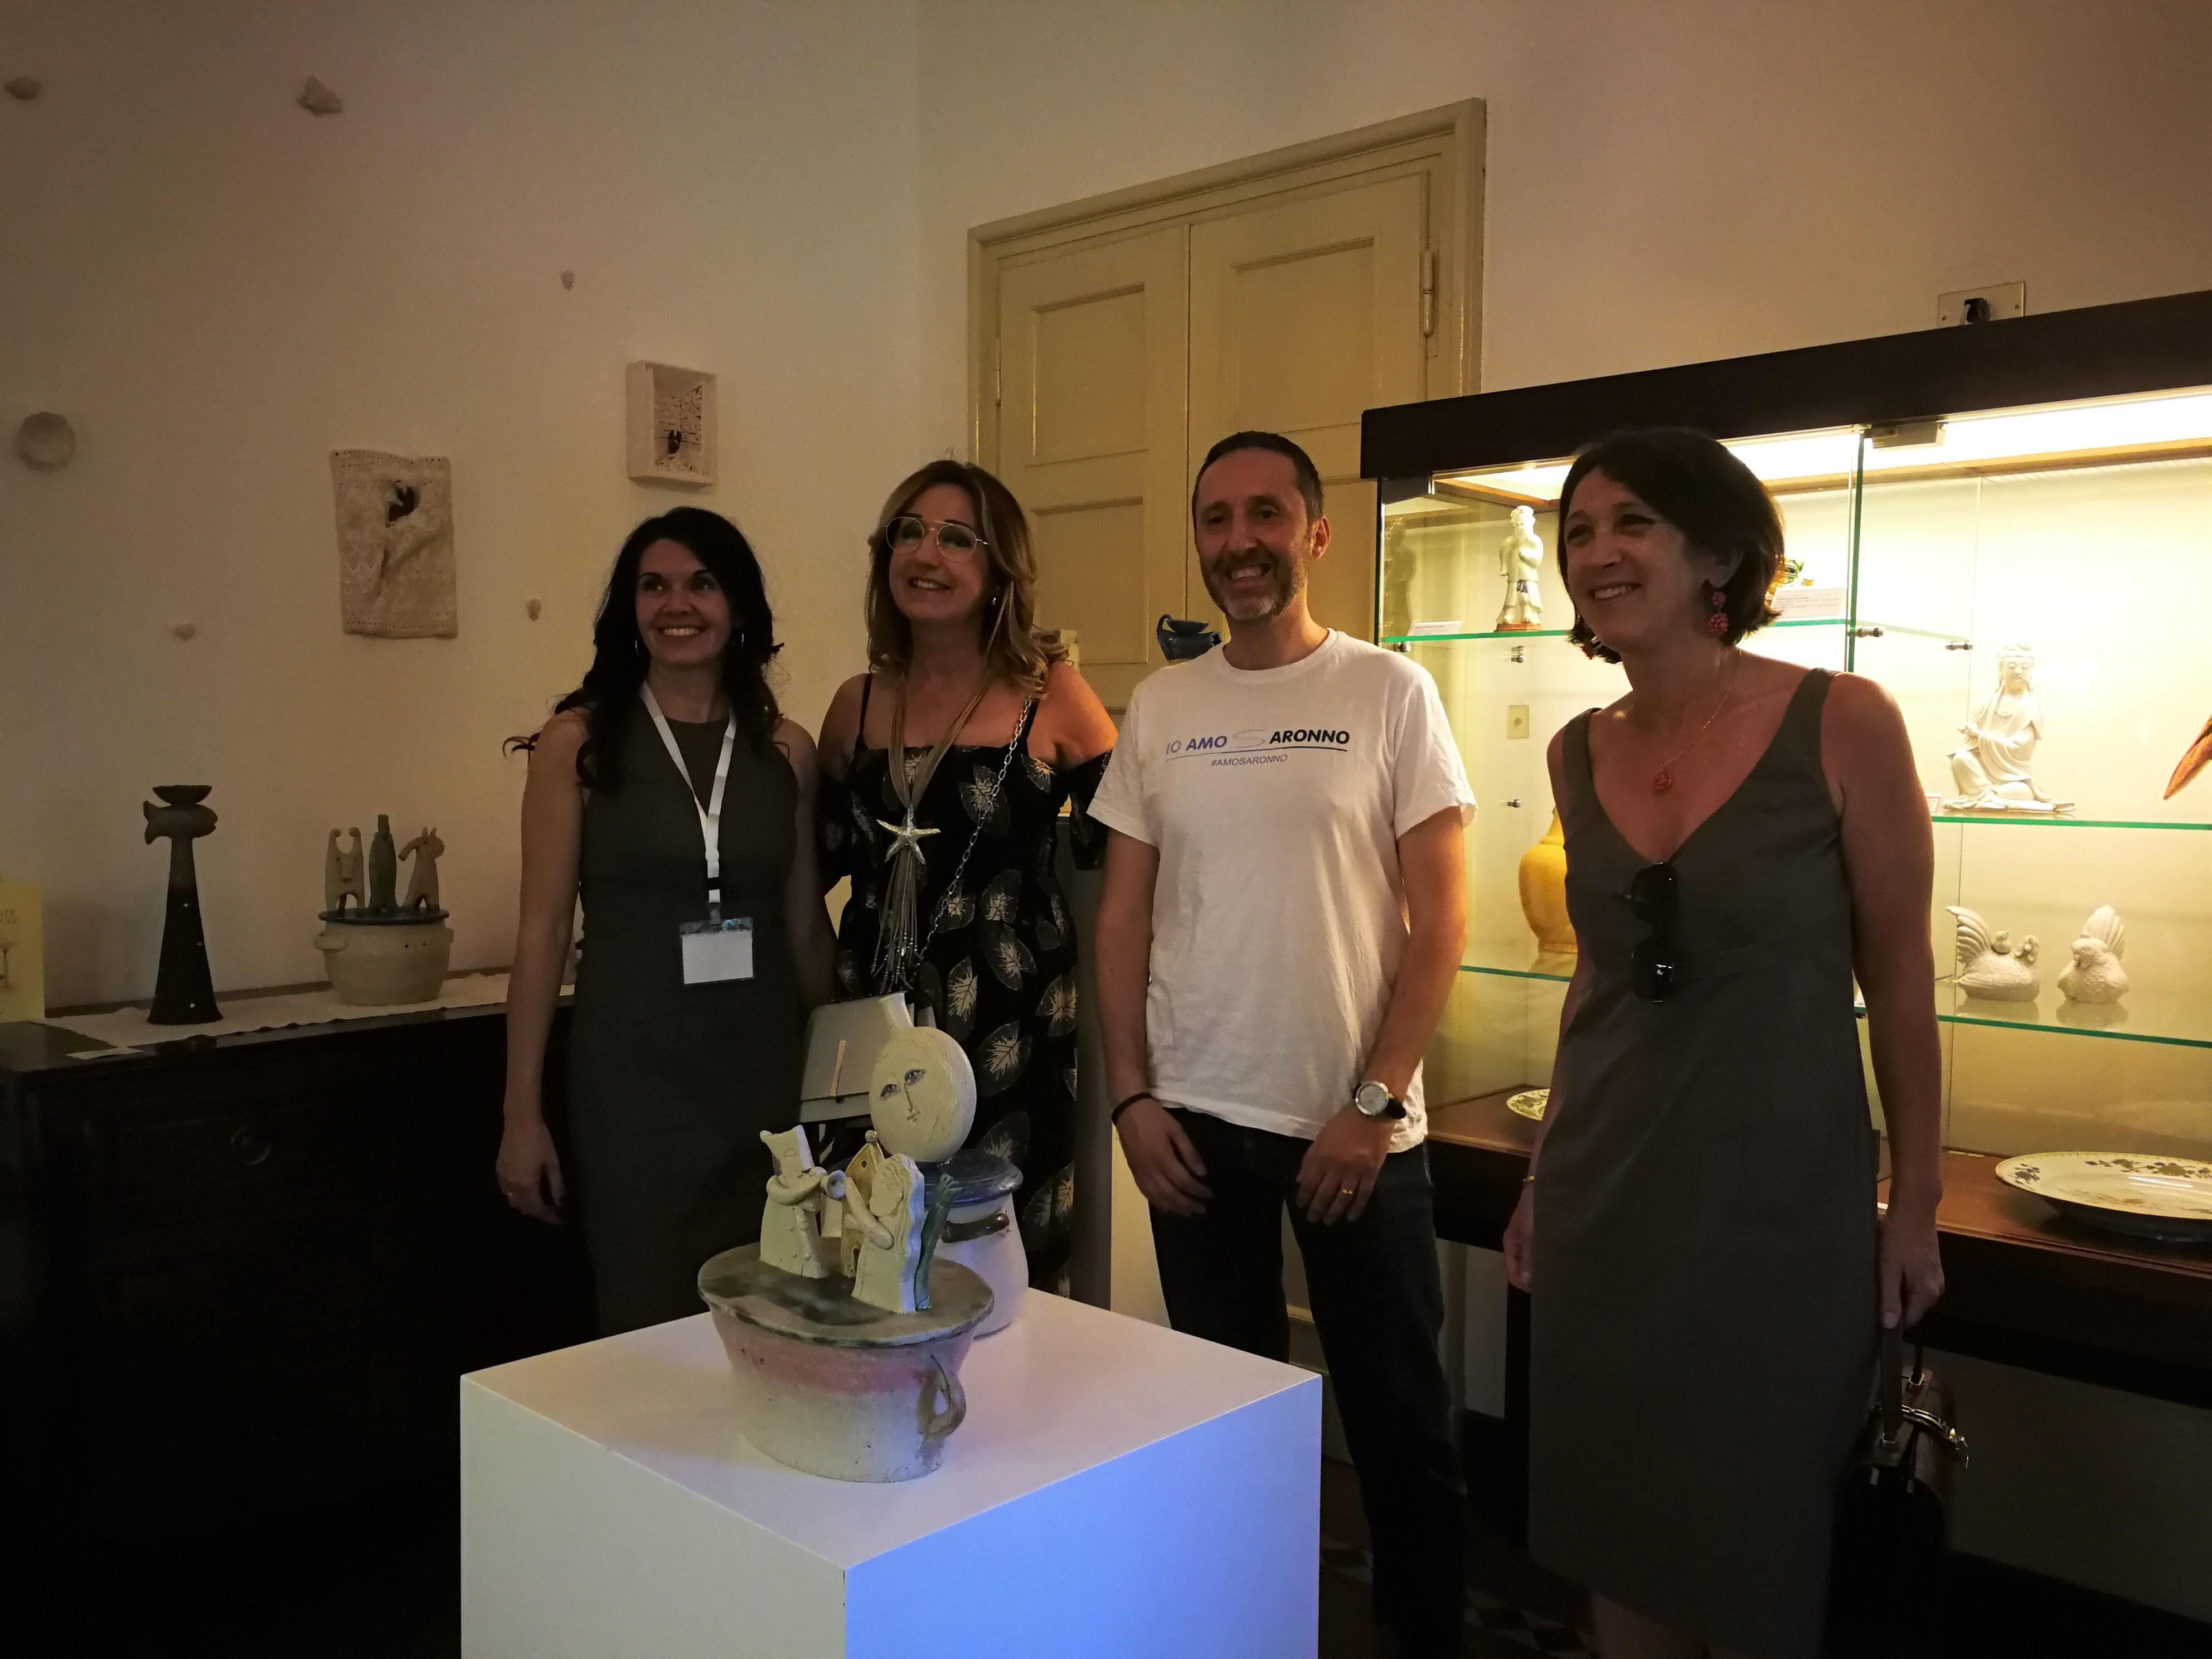 Conferenza stampa sabato 31 giugno - Mara De Fanti, Maria Assunta Miglino, Fabio Bigatti e Daniela Nasi